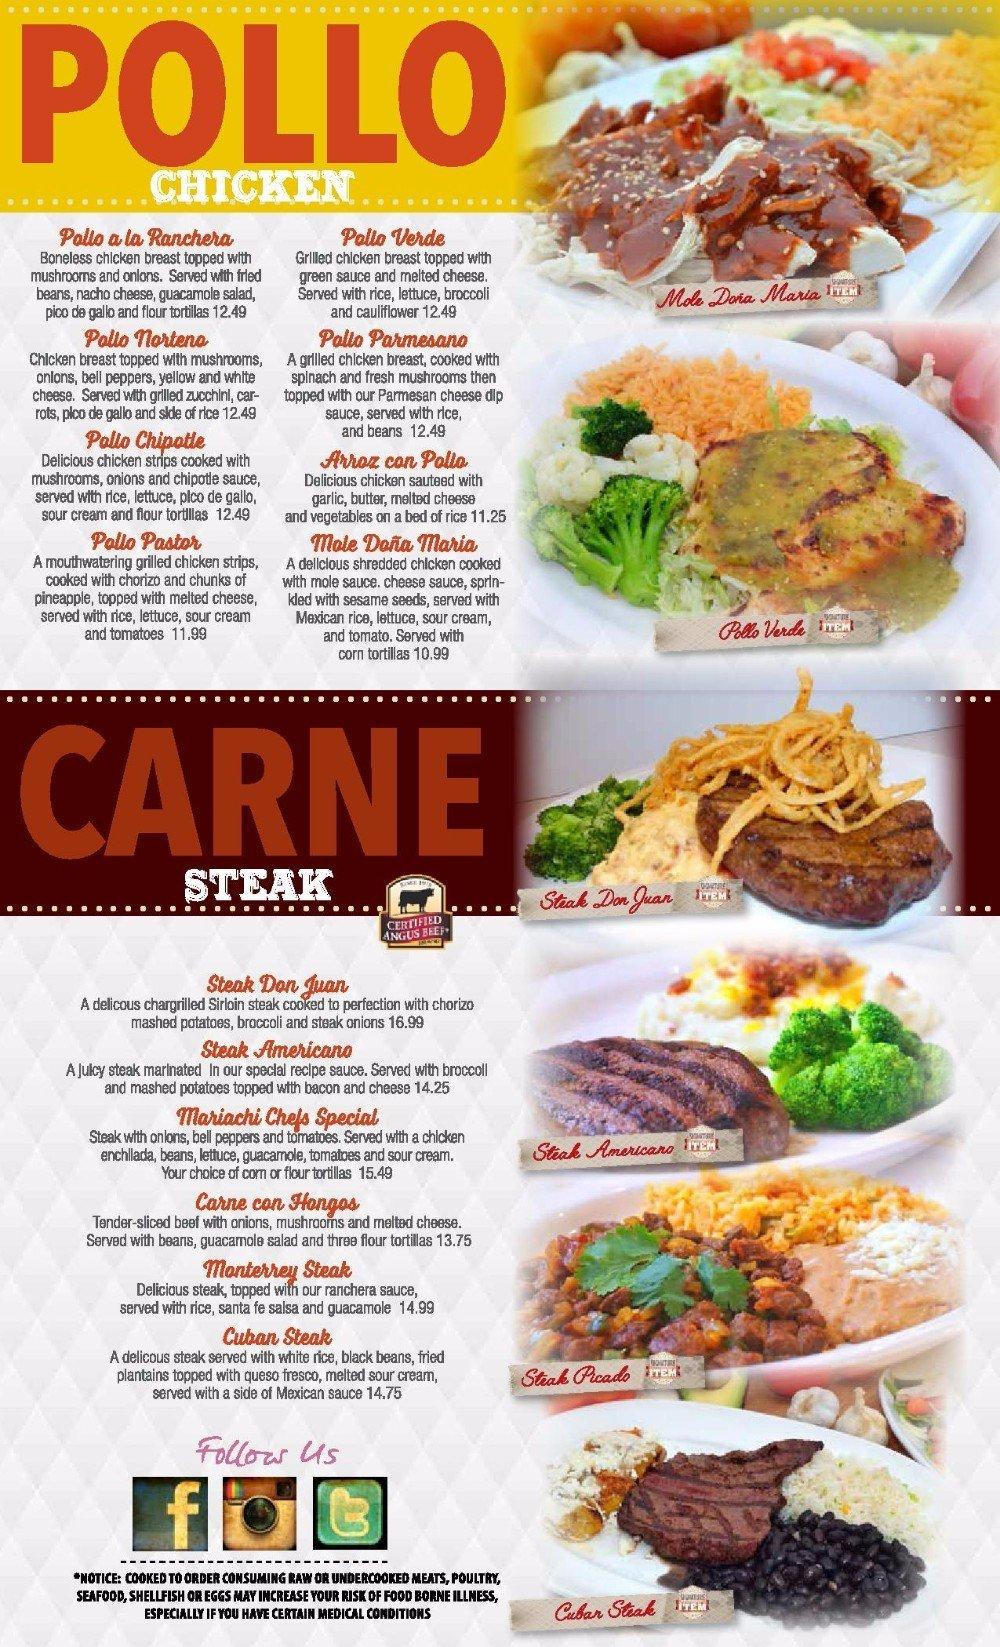 Pollo chicken and Carne steak